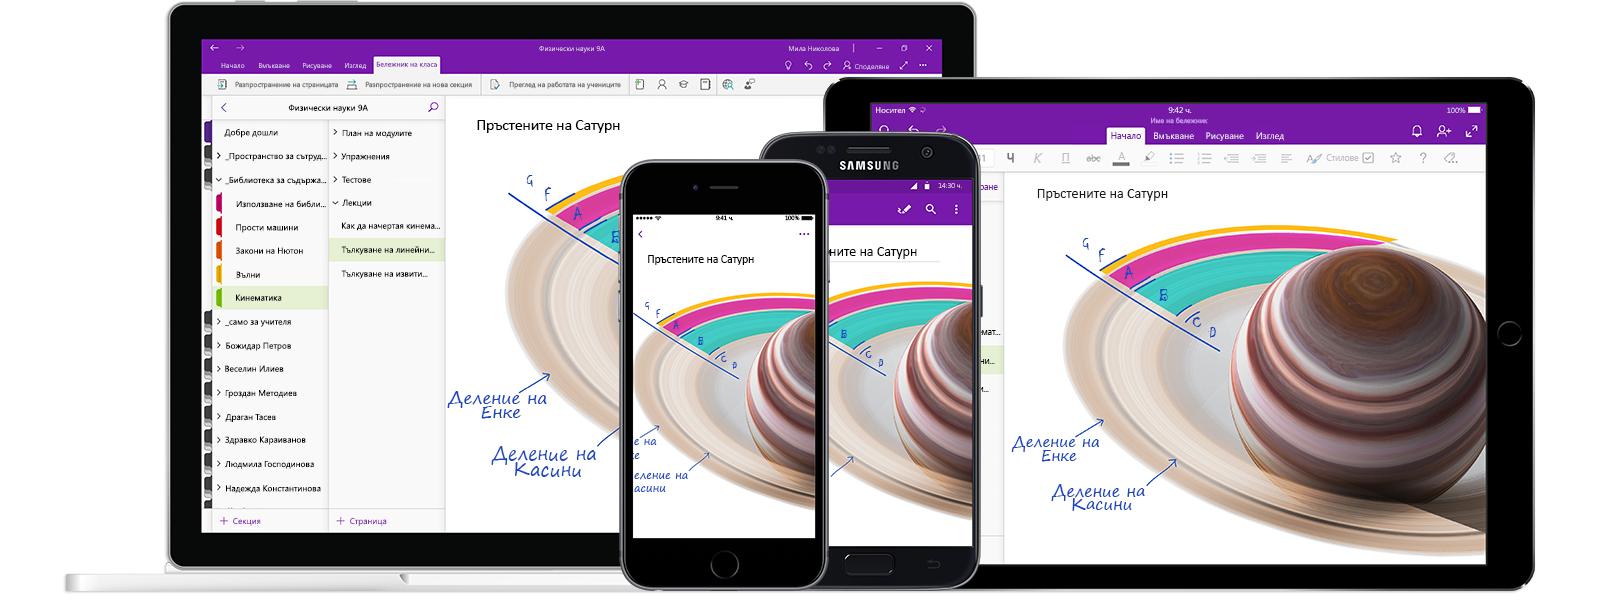 """Бележник на OneNote, наречен """"Физически науки 9А"""" на два смартфона и два таблета, показващи урок за линейни диаграми"""